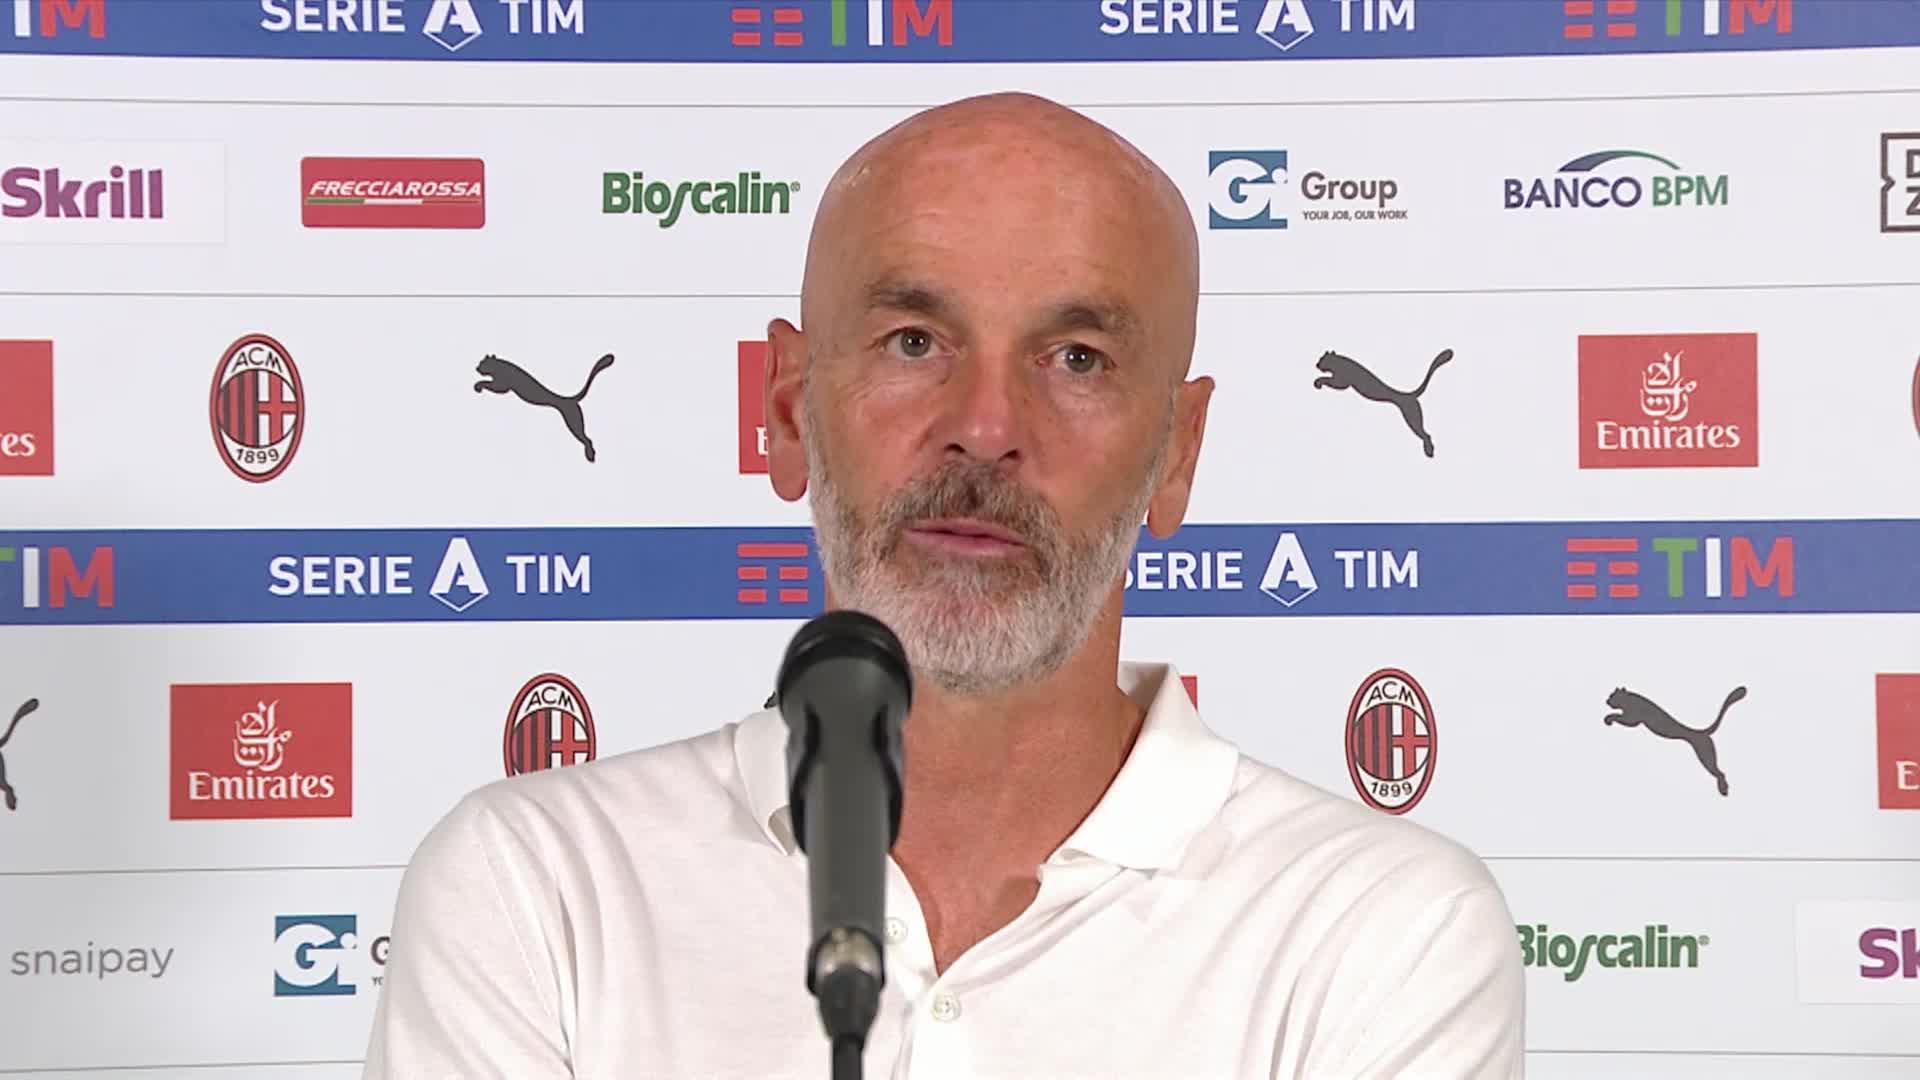 Serie A, Sassuolo-Milan: dove vedere la partita in Tv